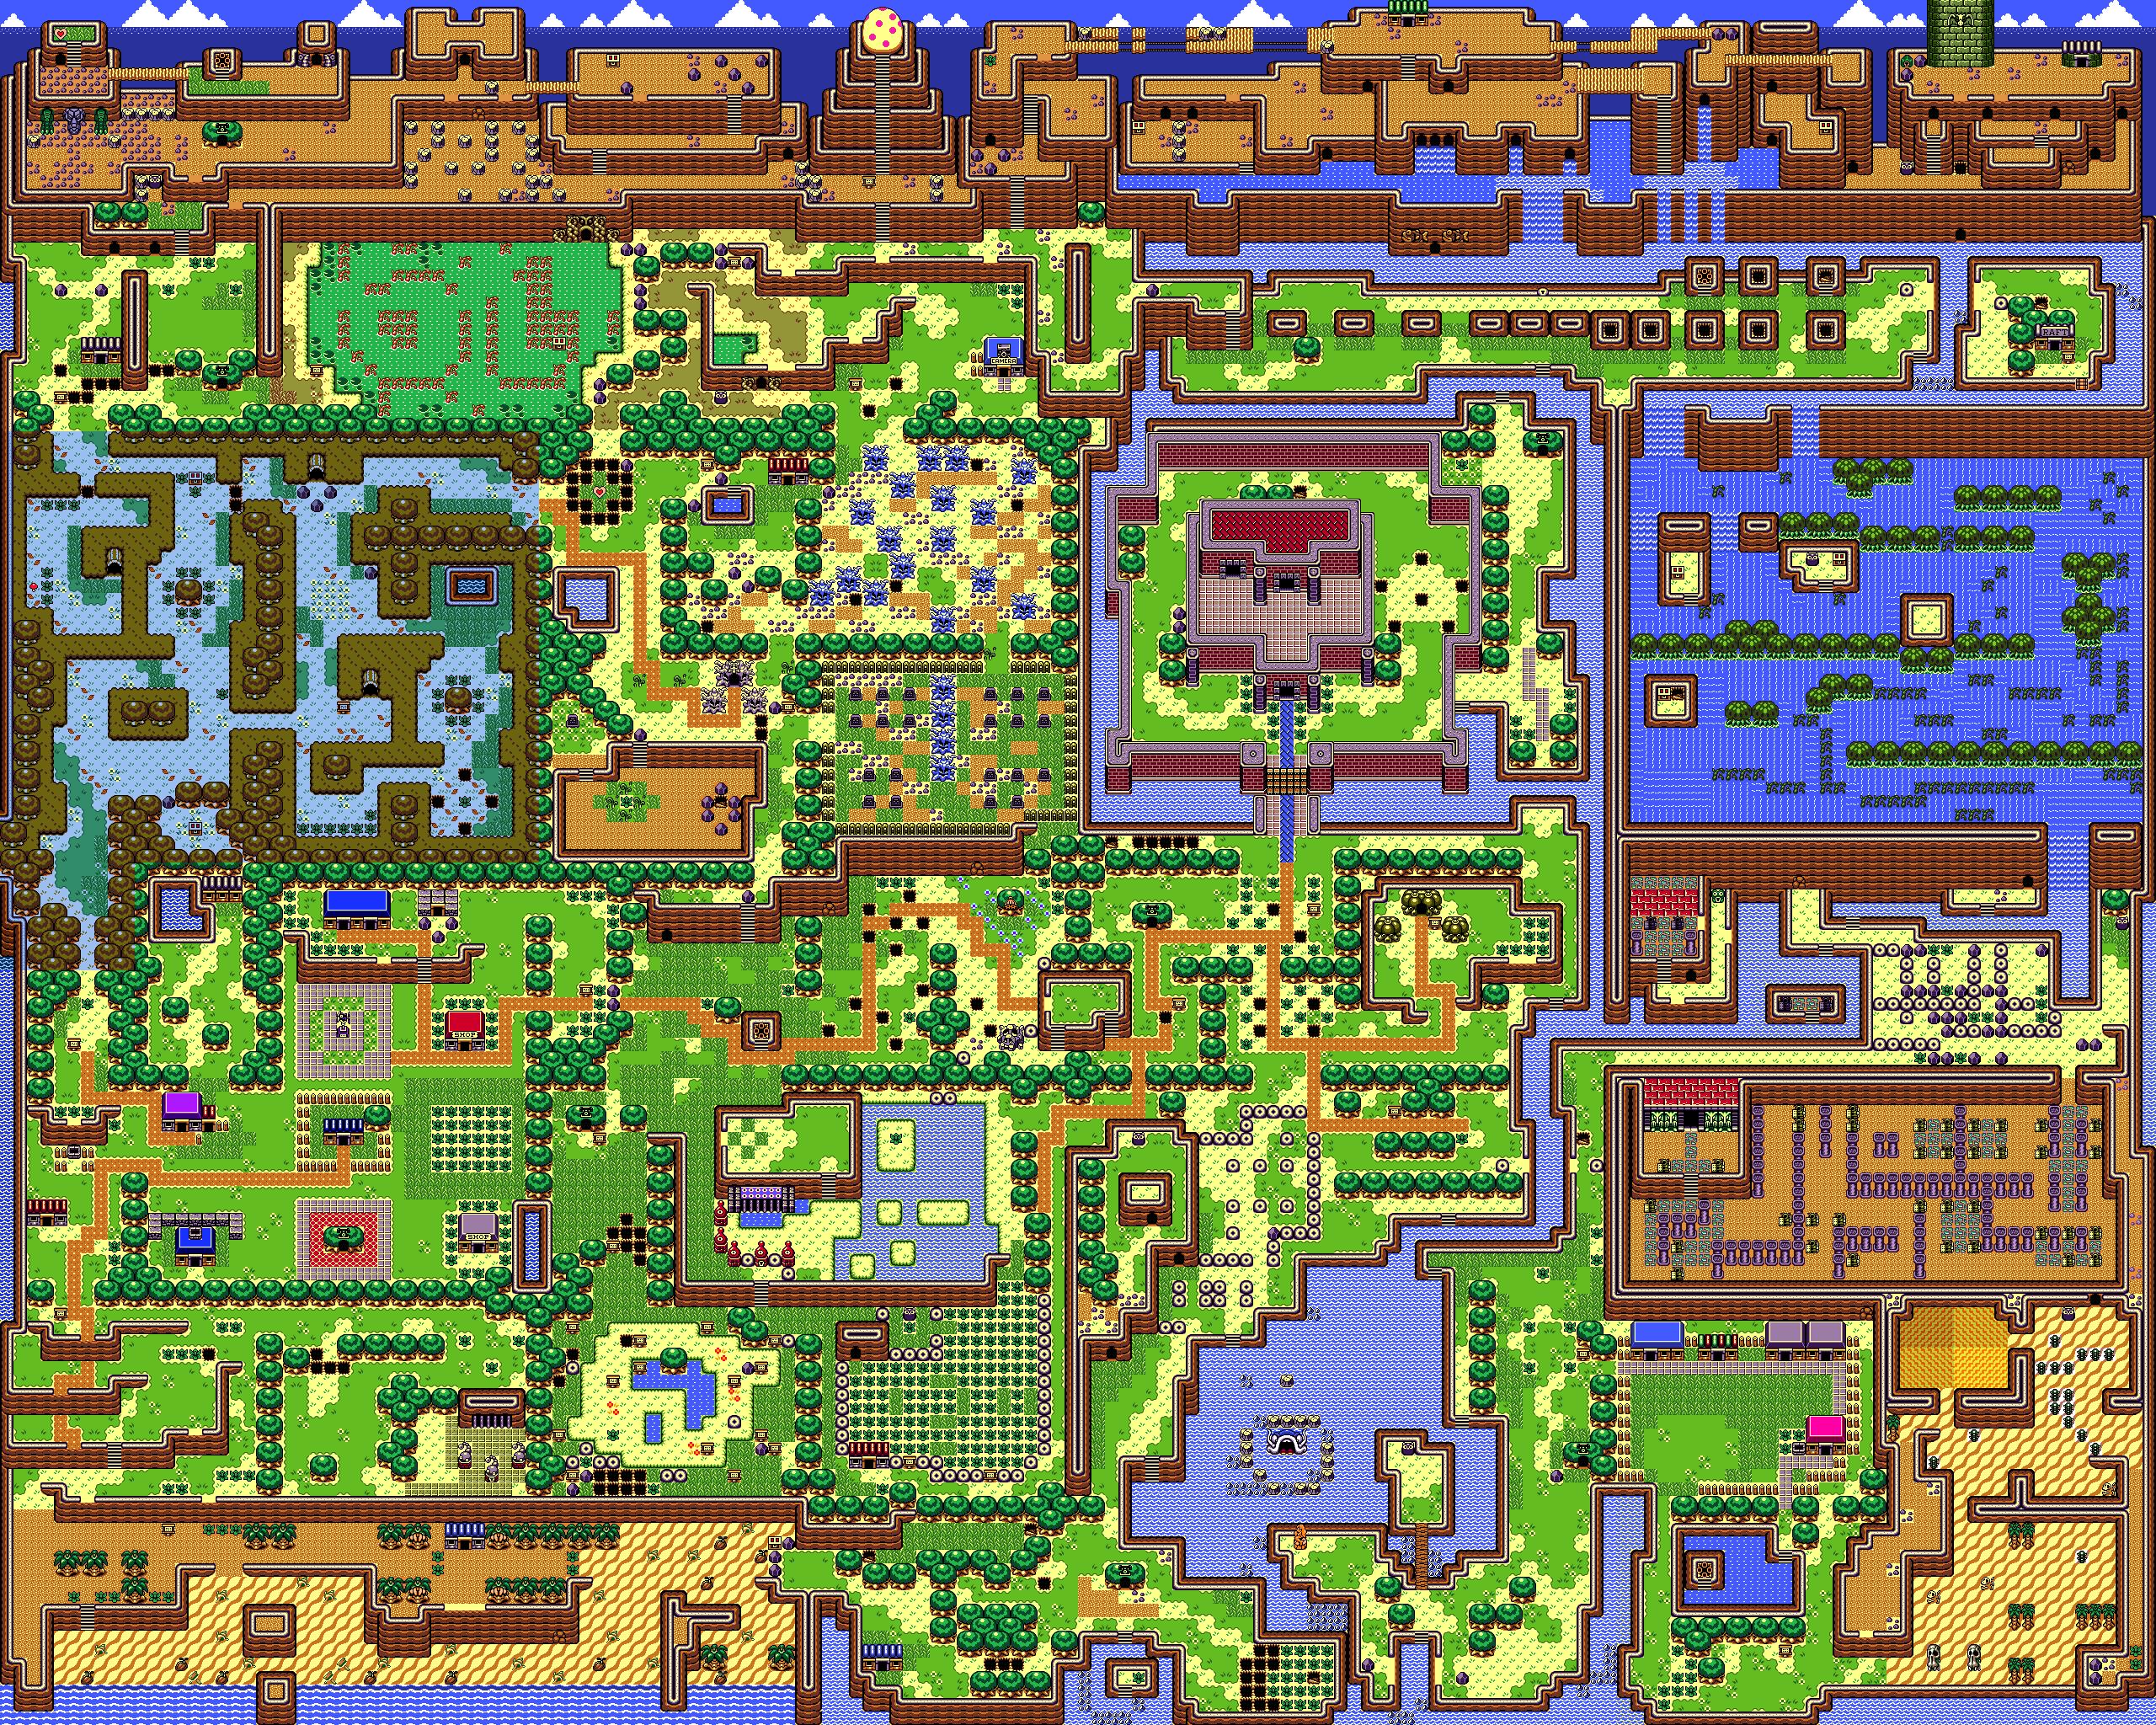 View Zelda Link's Awakening Wallpaper 4K Pics